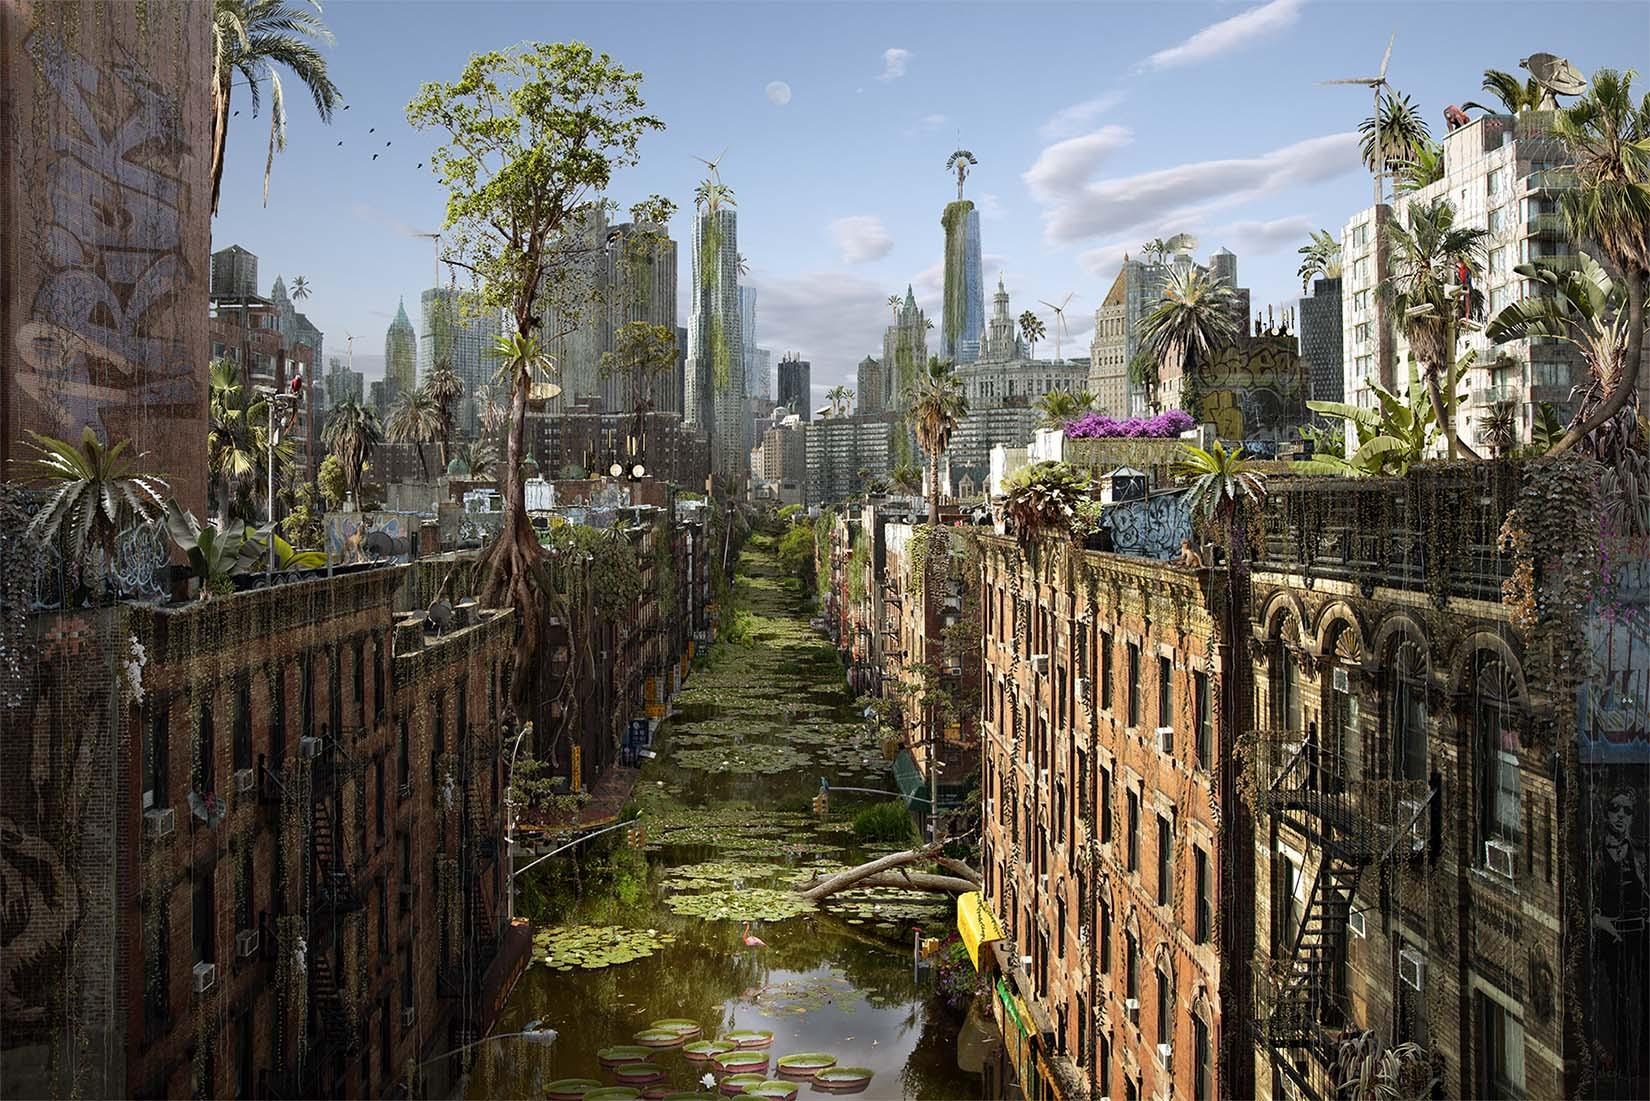 Chris Morin-Eitner - New York Green Carpet Avenue